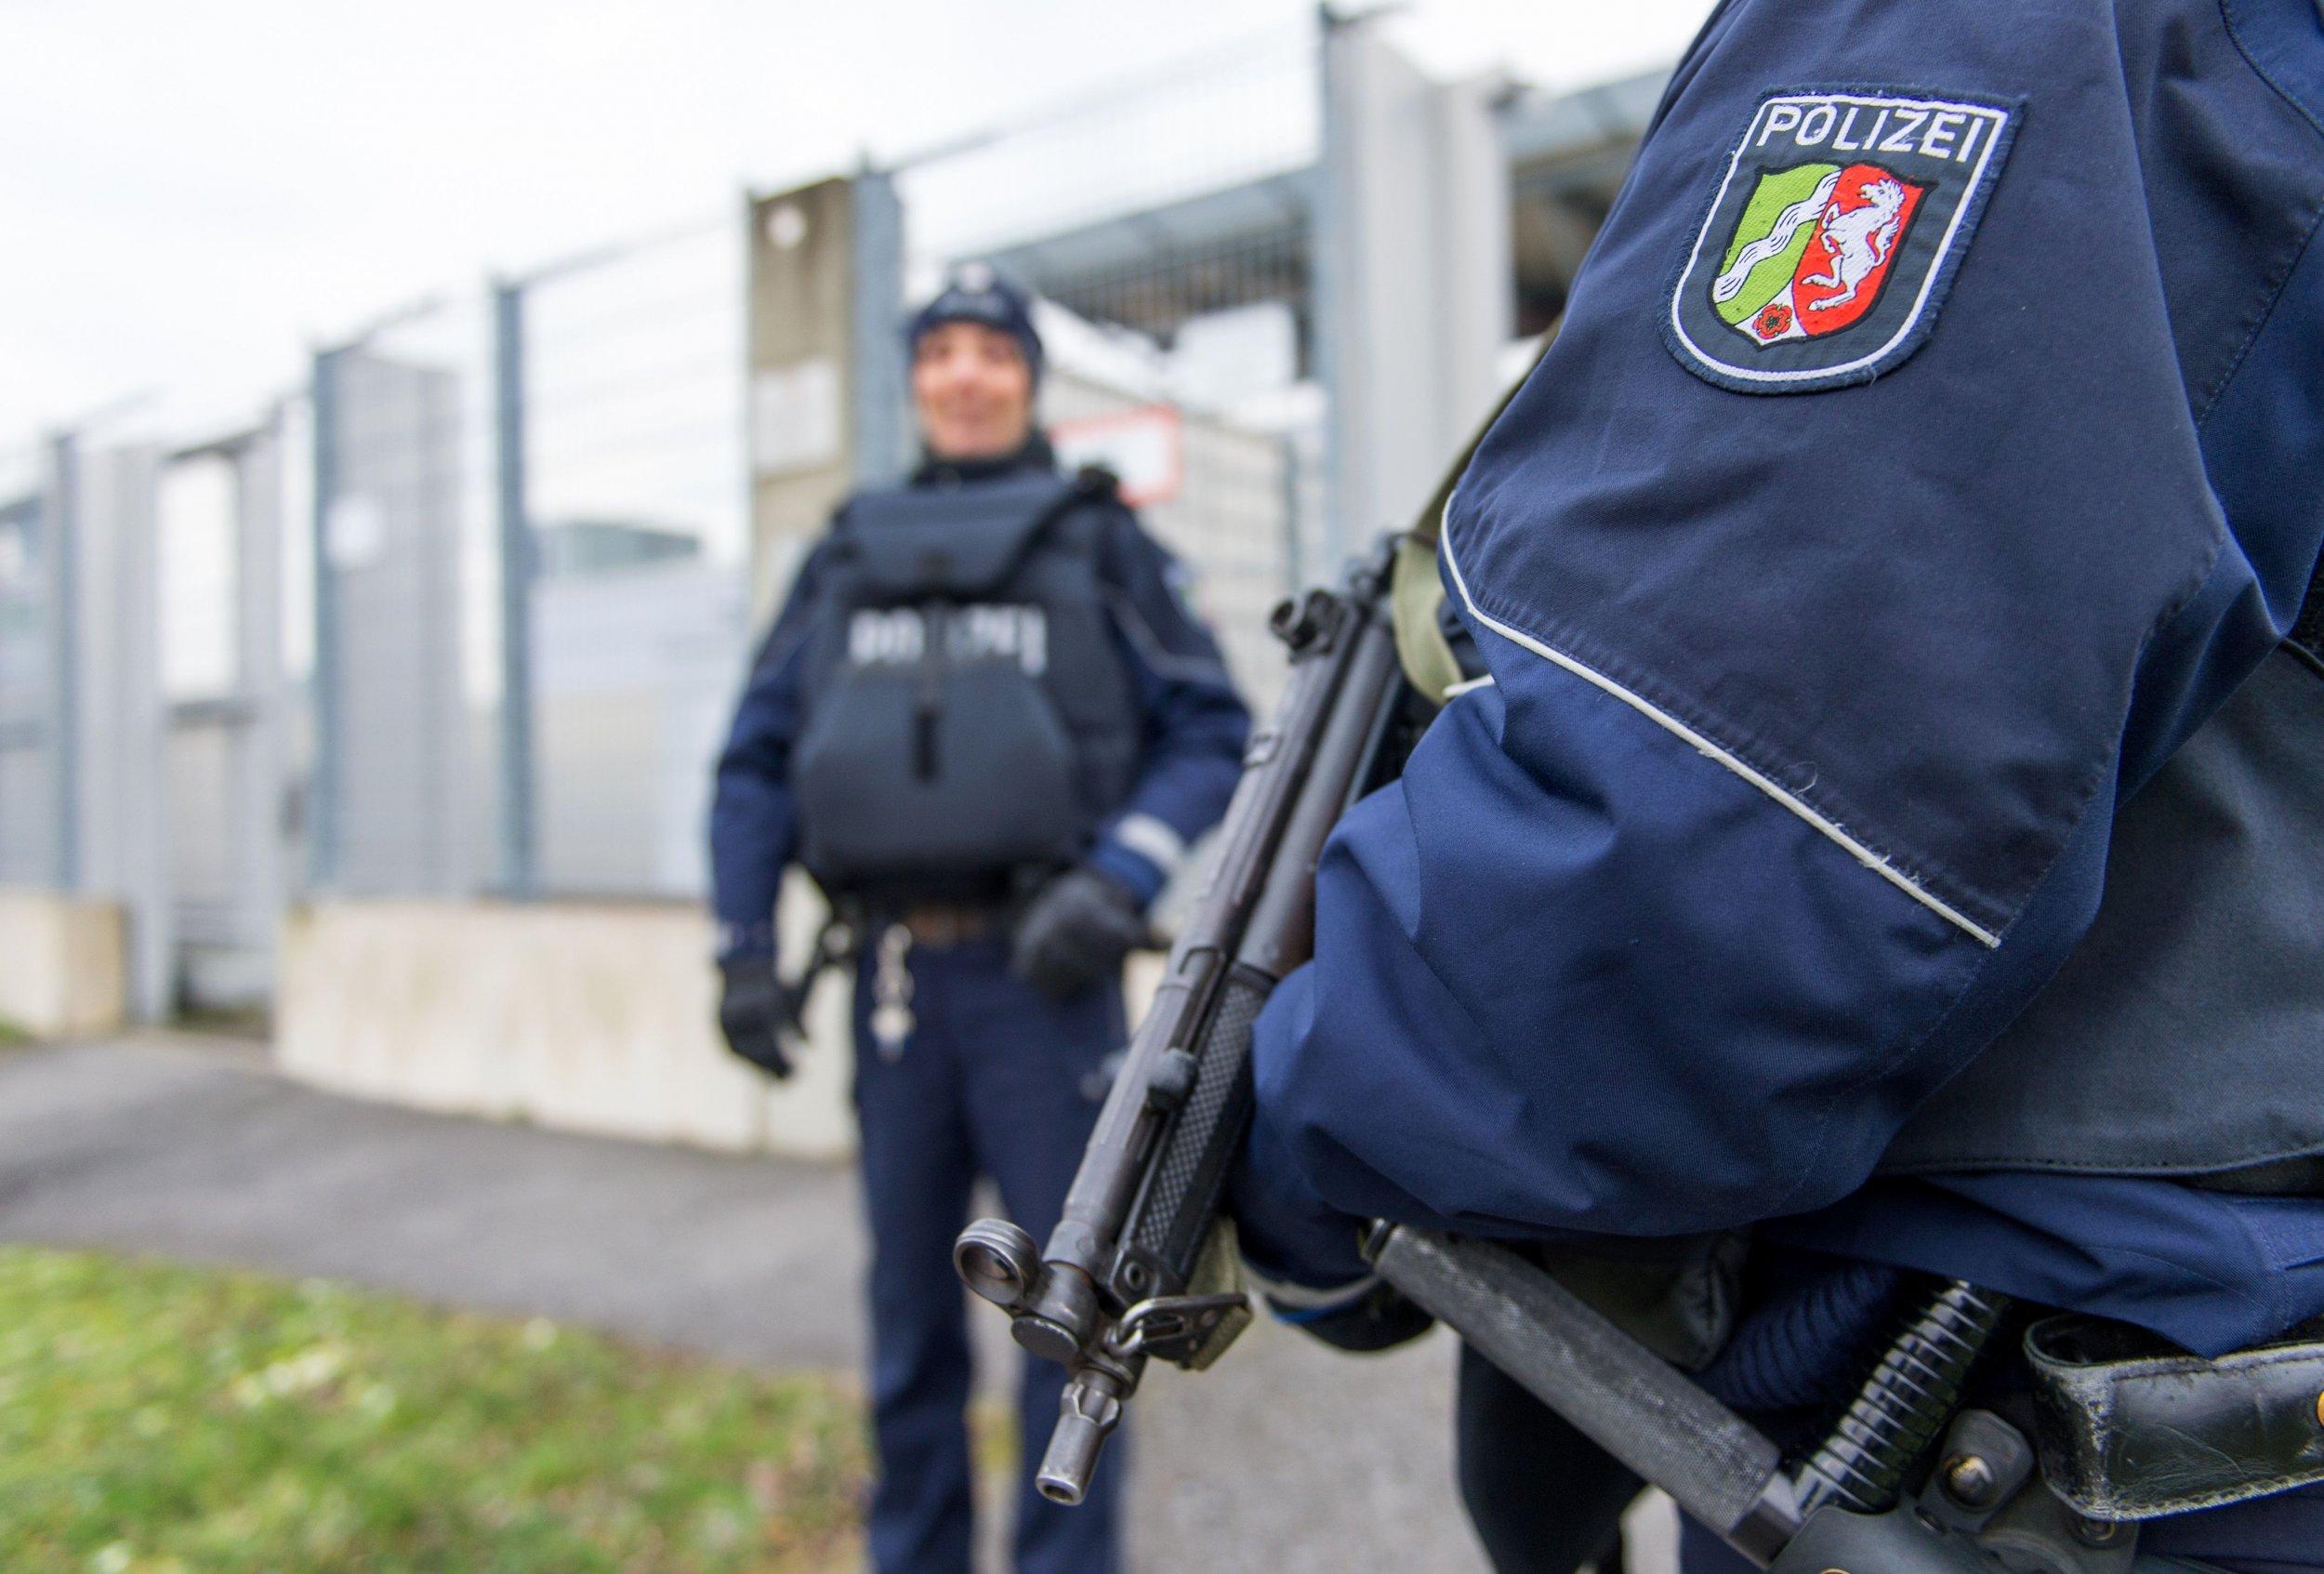 German police in Dusseldorf